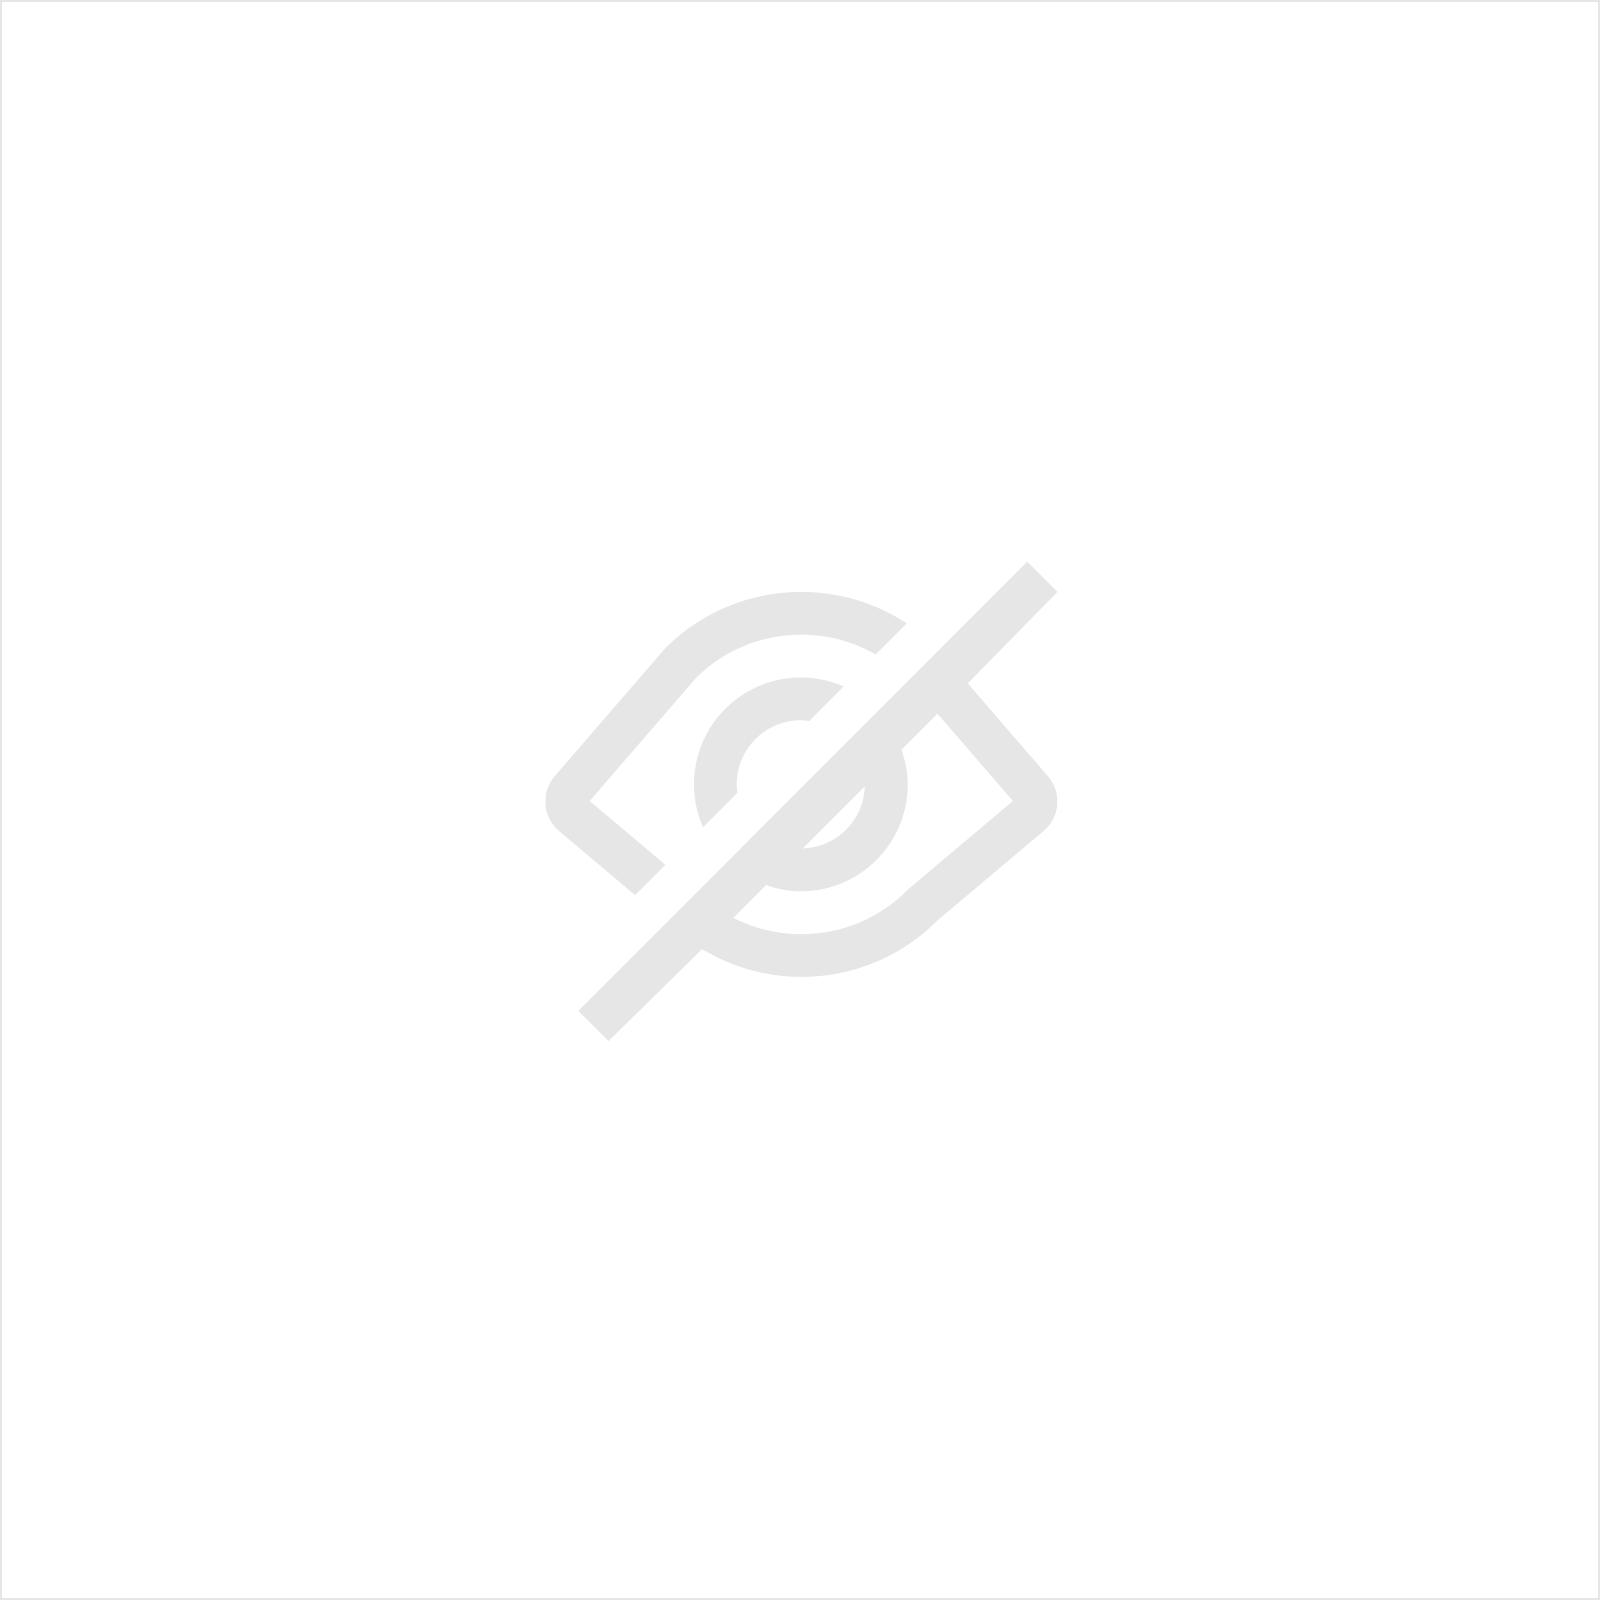 OPTIONEEL ROLPAAR VOOR BOORD EN LIJSTMACHINE 15 MM